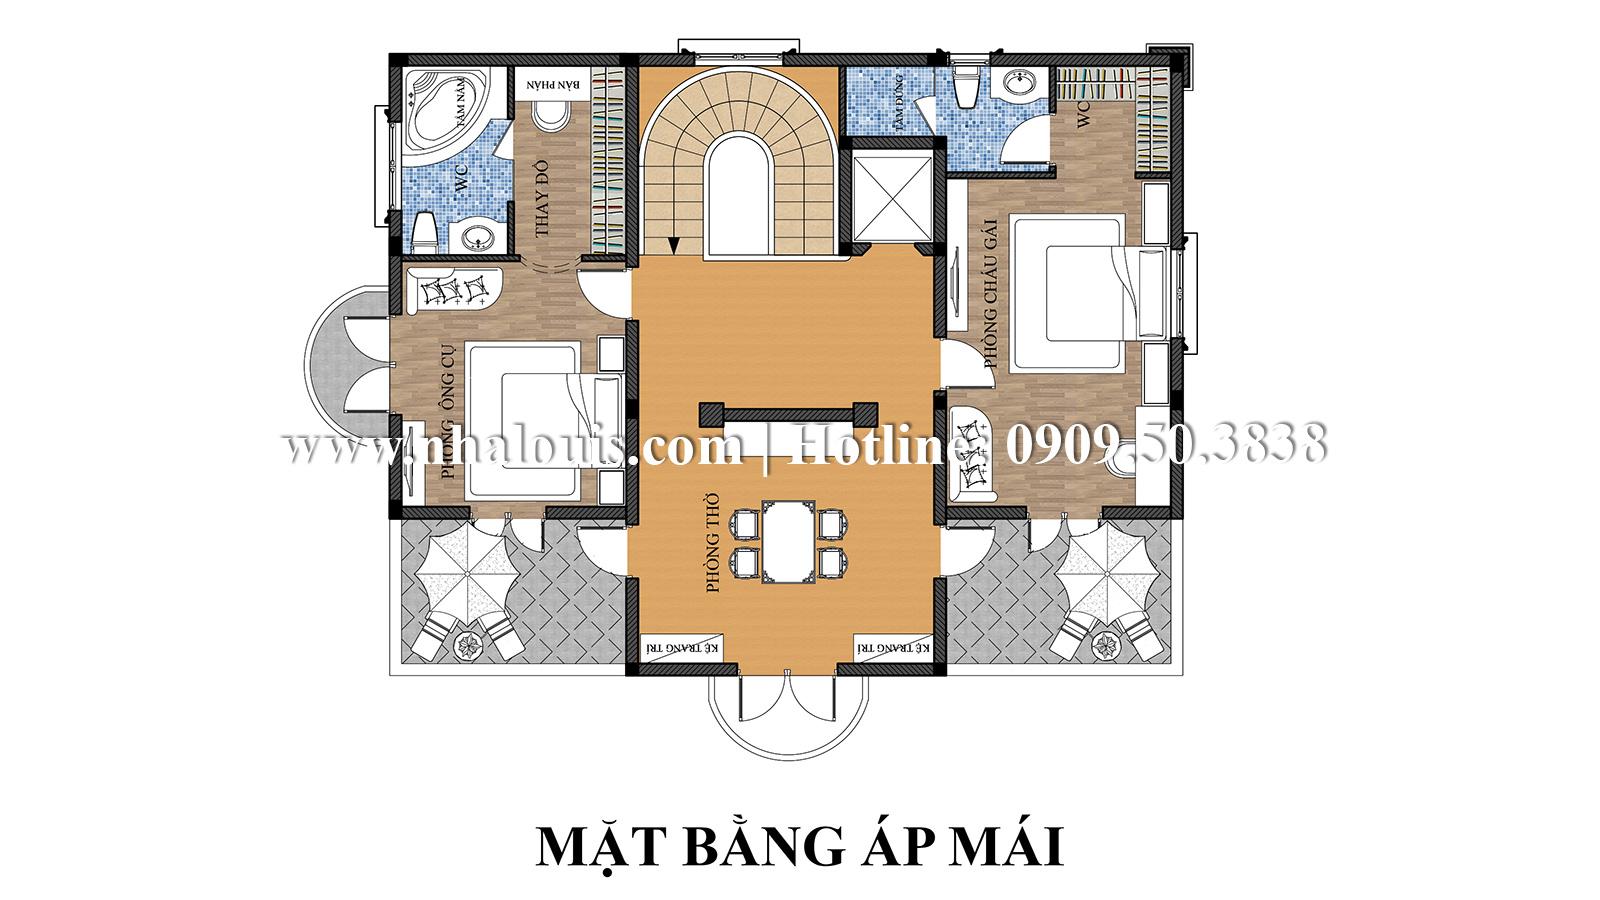 Thiết kế mẫu biệt thự kiểu Pháp 4 tầng tại Quận 9 đẹp kiêu sa - 07